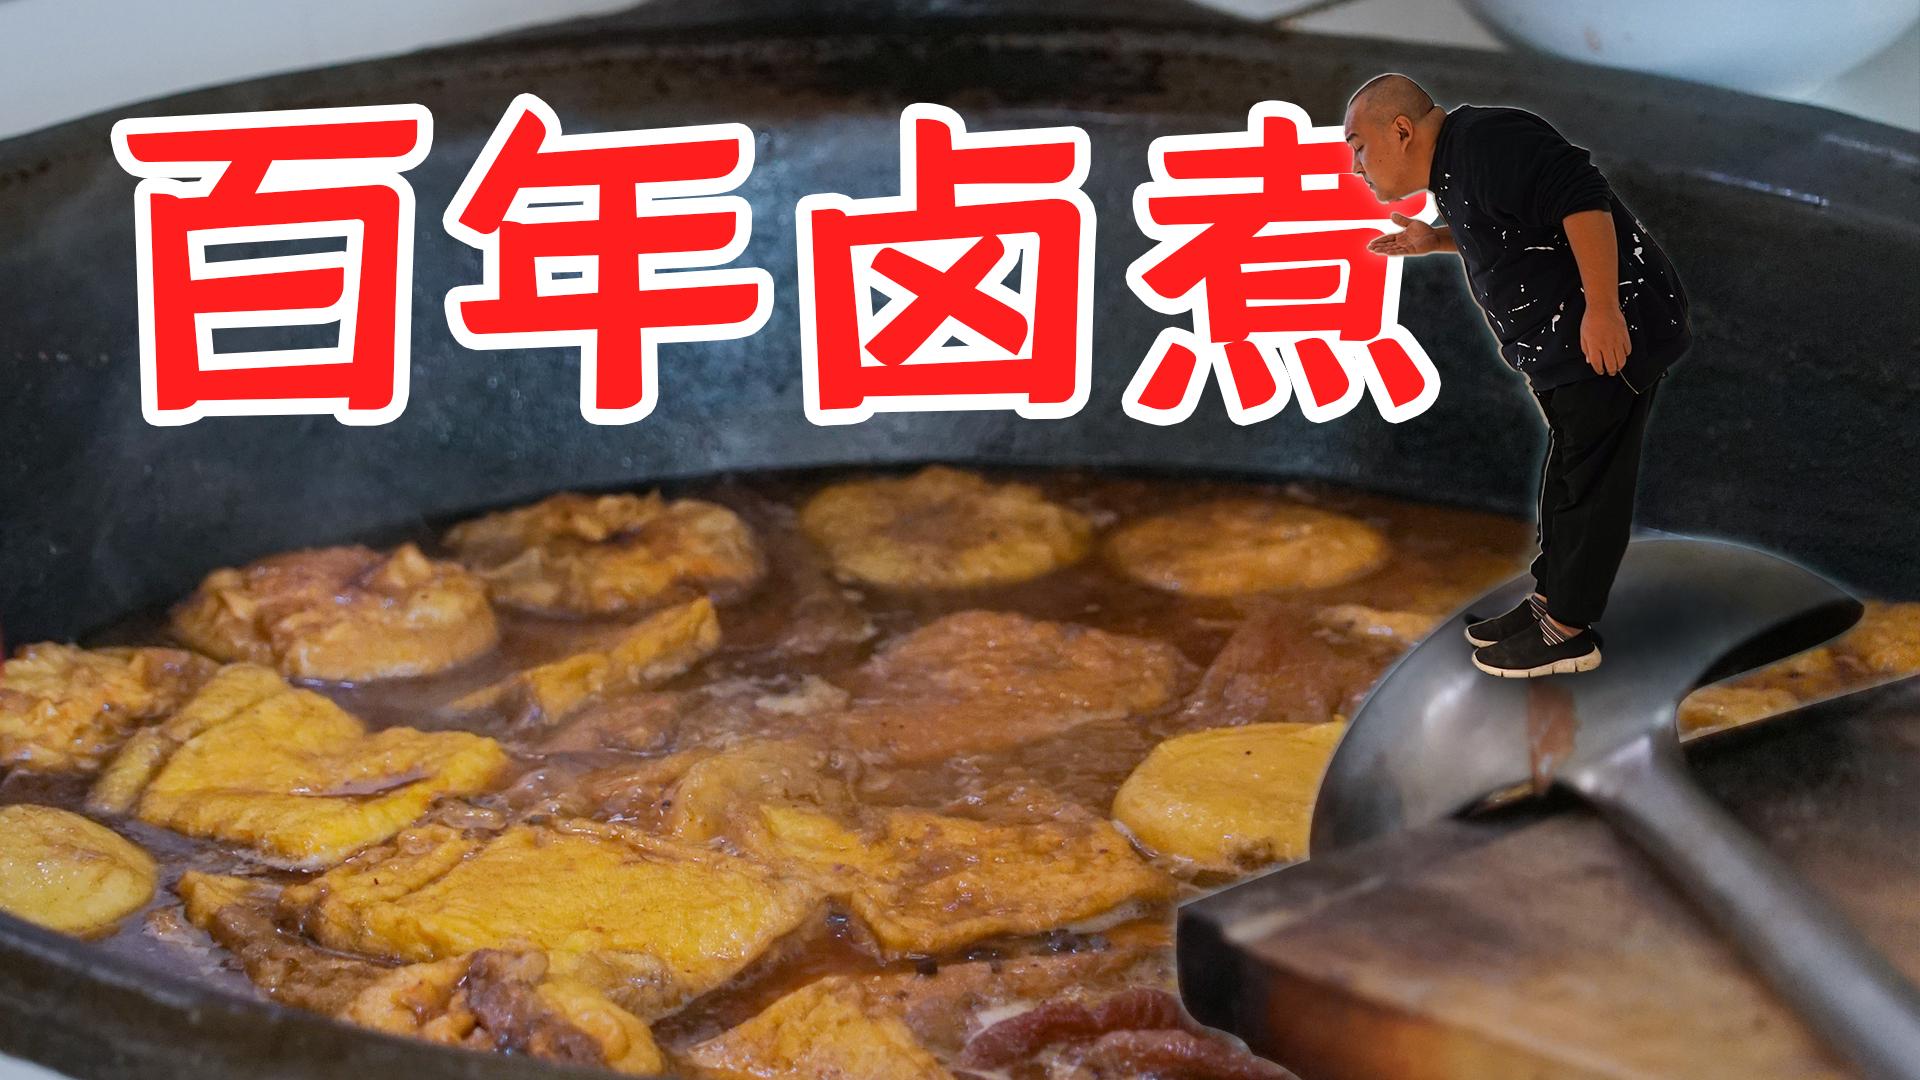 【吃货请闭眼】百年历史卤煮老店!号称京城第一小肠陈?大肠猪肺一锅炖太香了